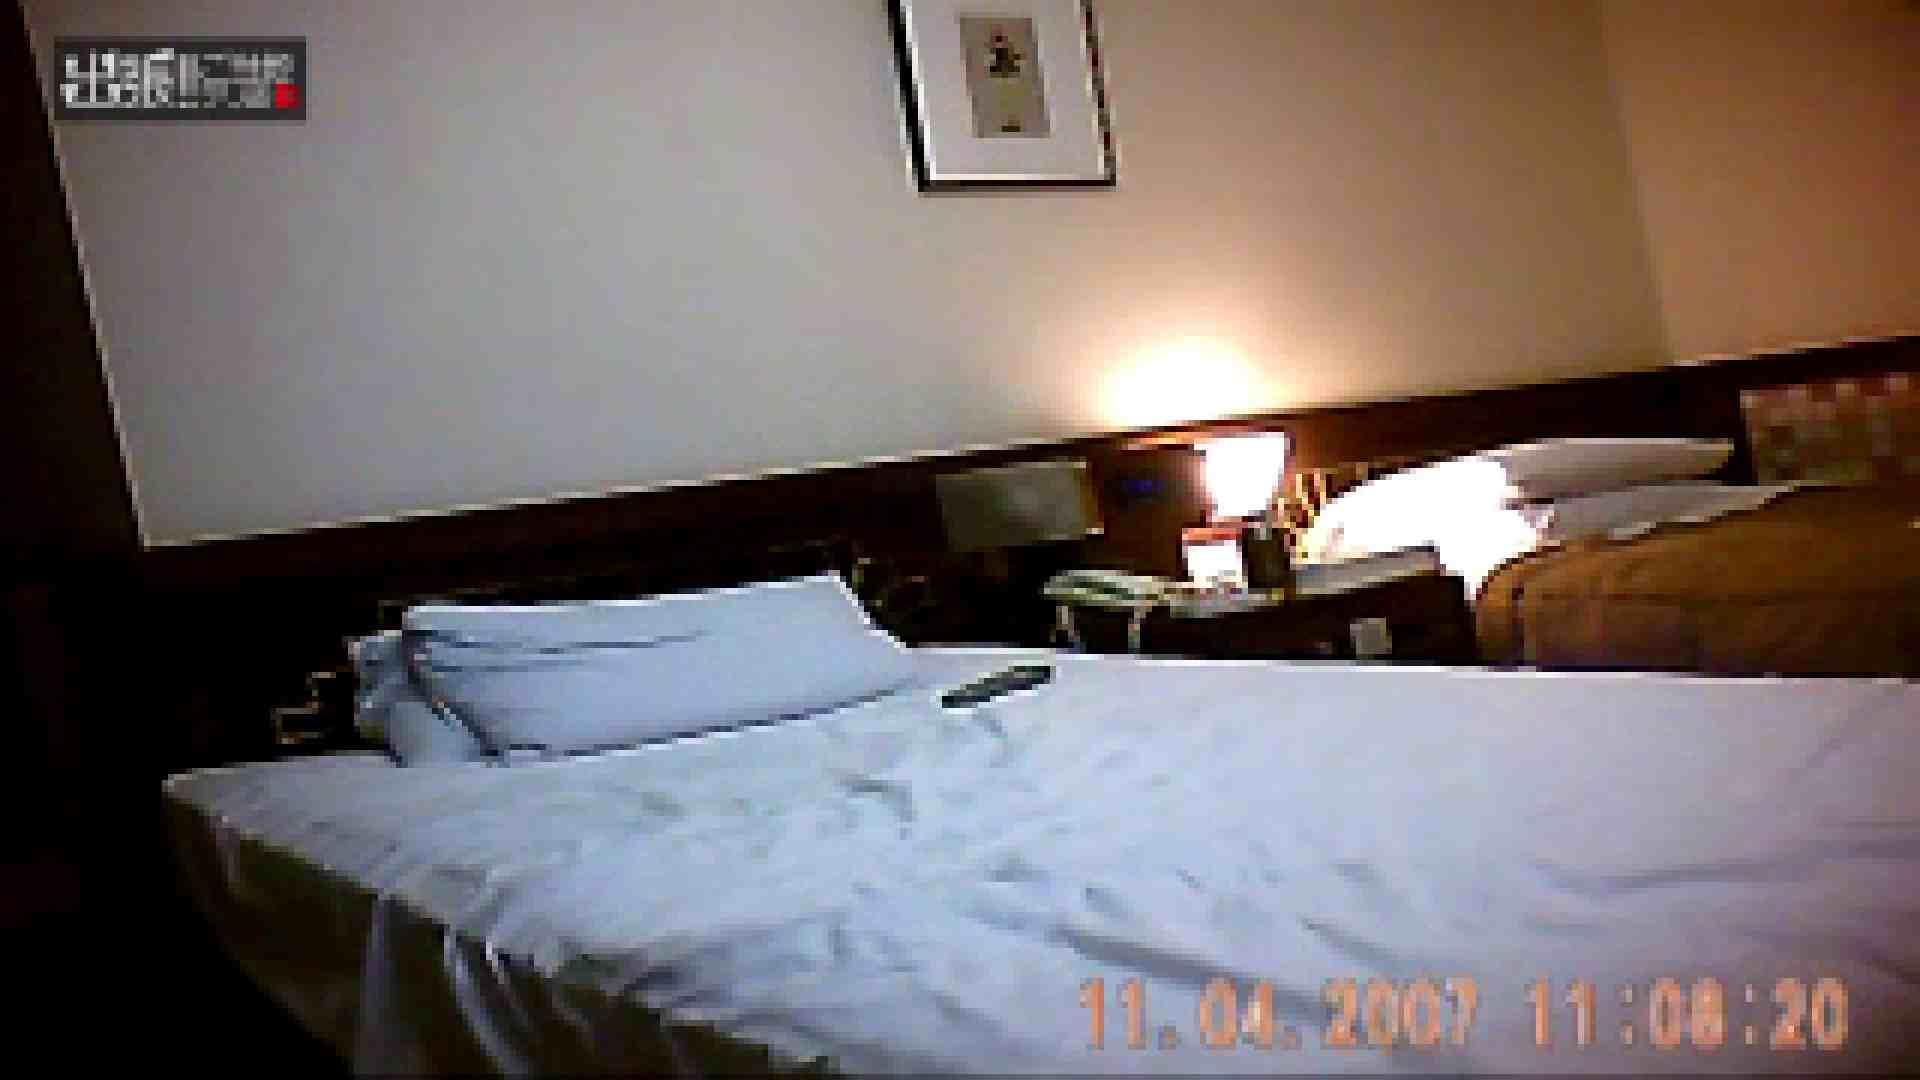 出張リーマンのデリ嬢隠し撮り第2弾vol.2 マンコ満開 オメコ動画キャプチャ 78PIX 58